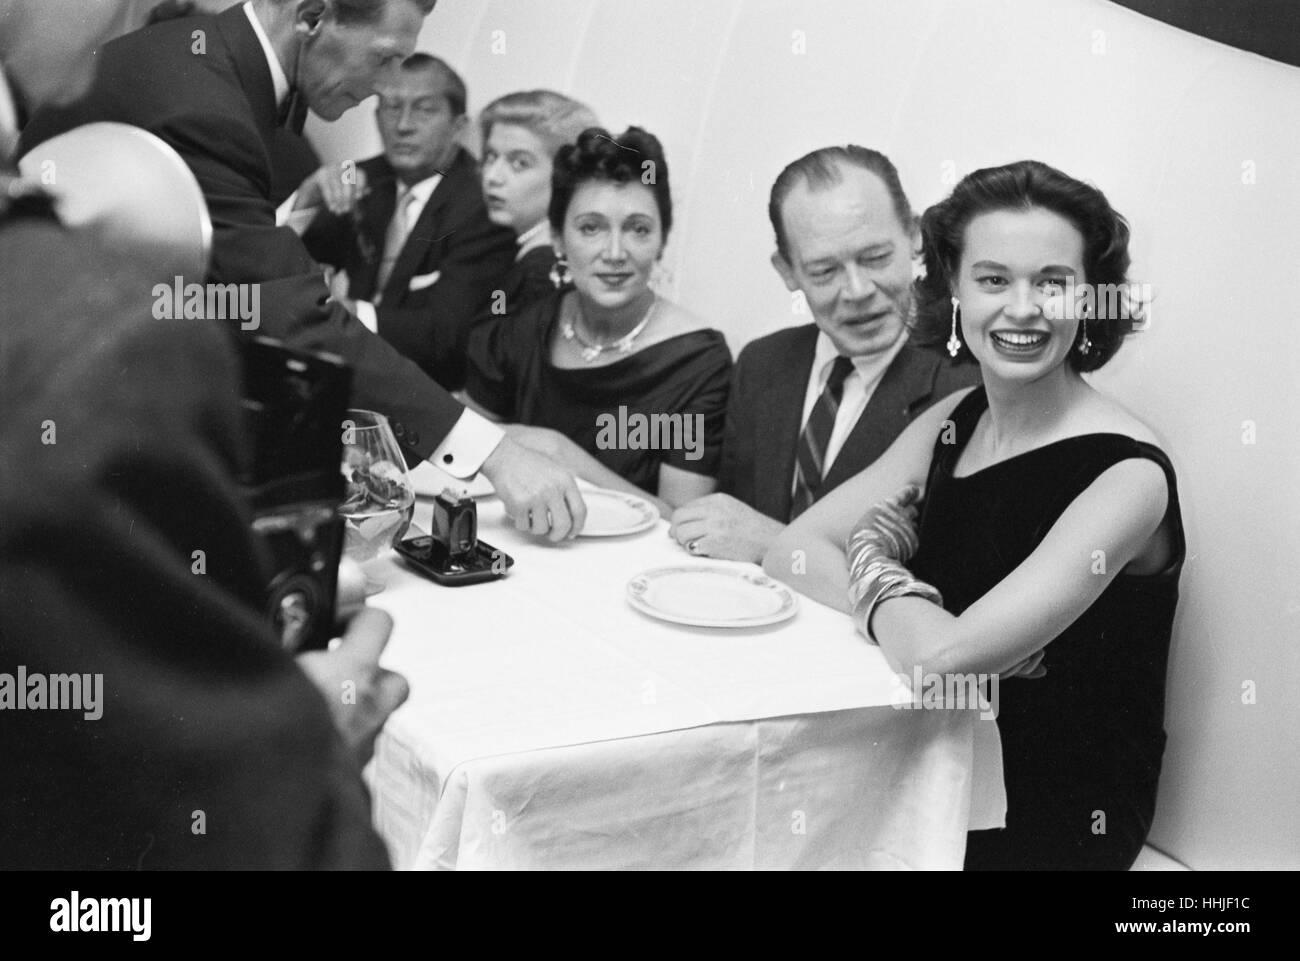 1955 photos 1955 images alamy for Diner avec des amis